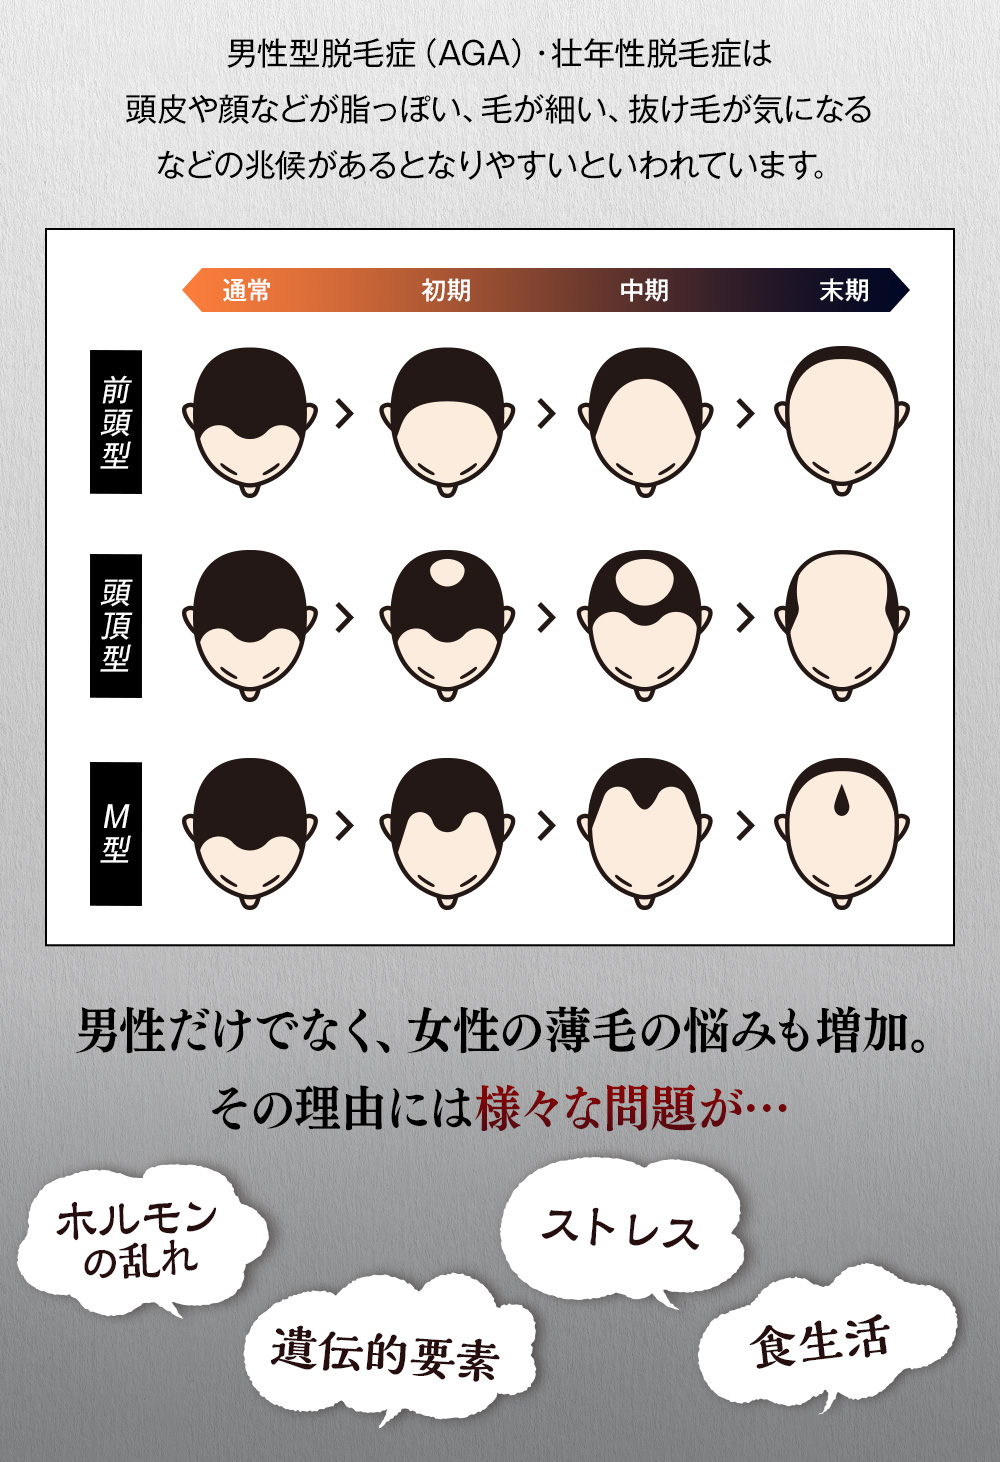 男性型脱毛症(AGA) 壮年性脱毛症